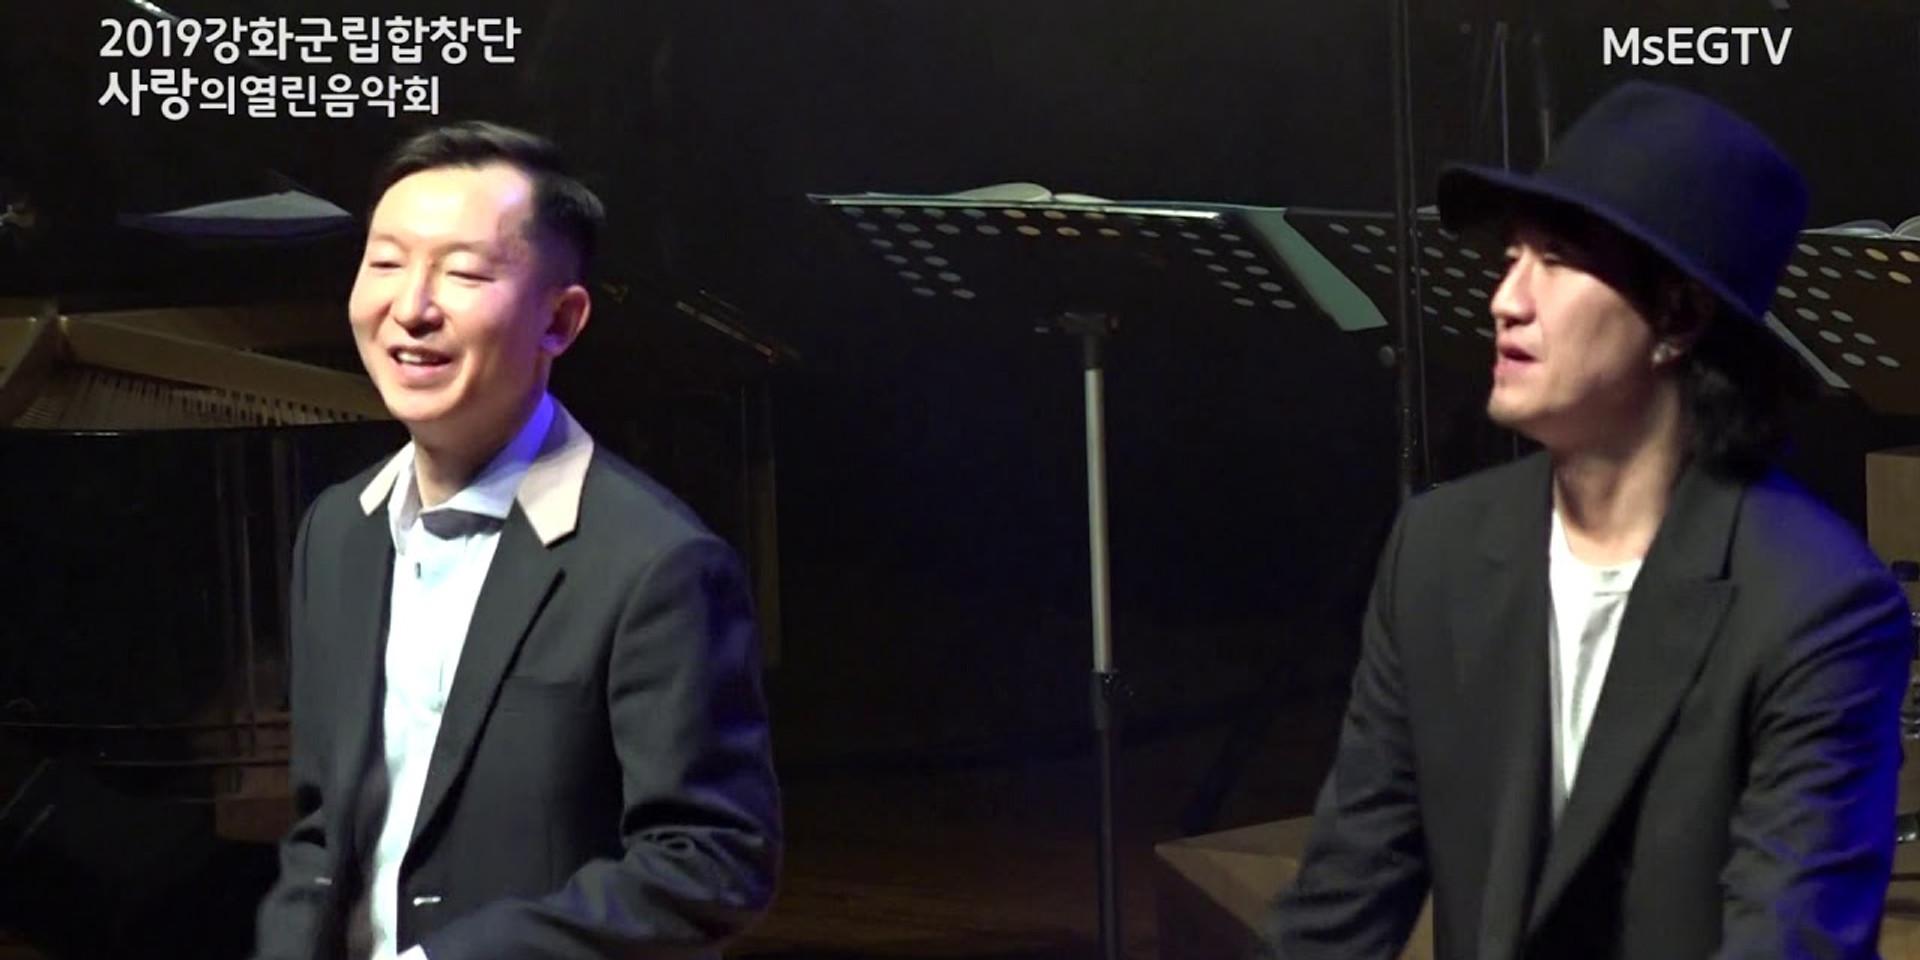 강화군립합창단 사랑의 열린음악회,그라운드 잼 탭퍼 ; 김순영,이상훈,특별출연